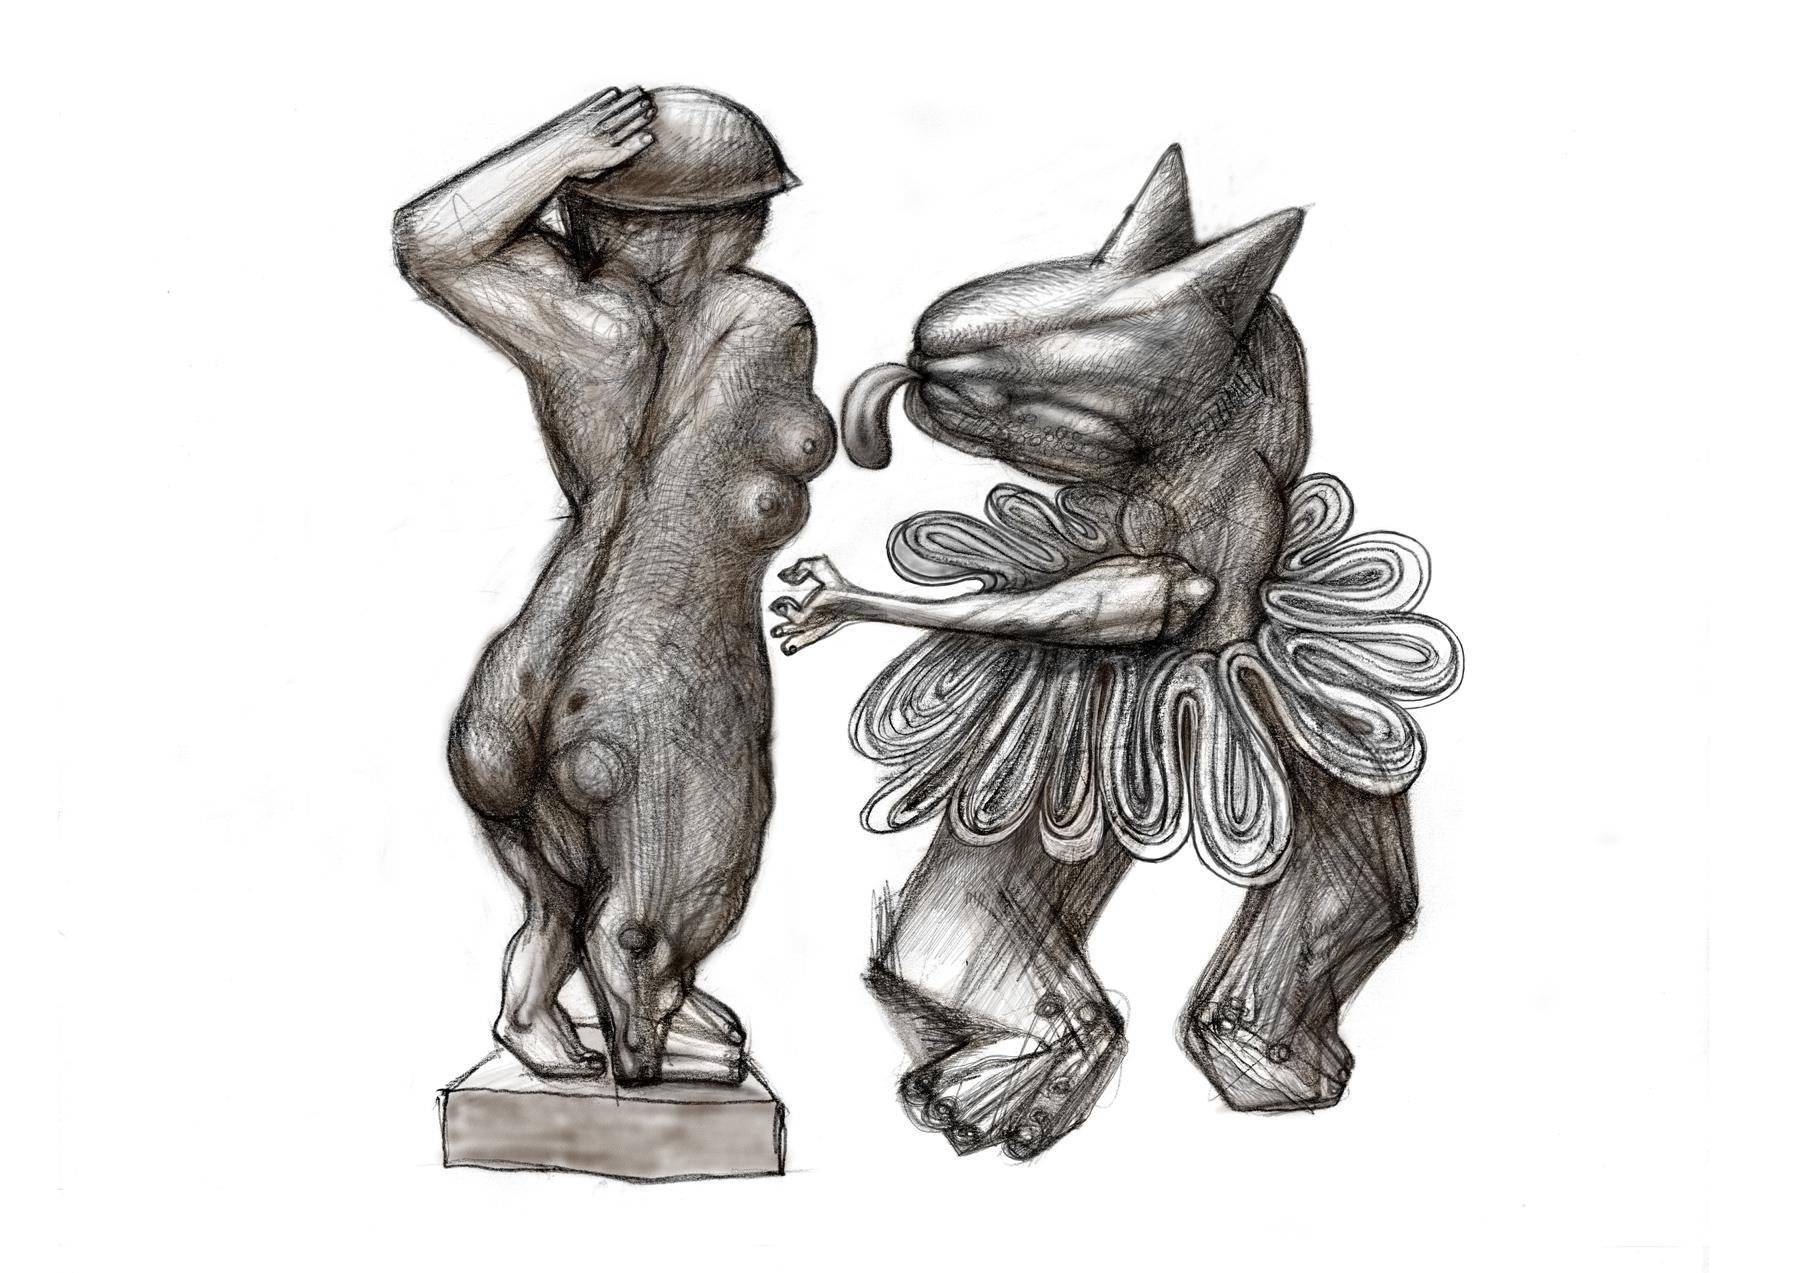 Illustration by Markus Kasemaa